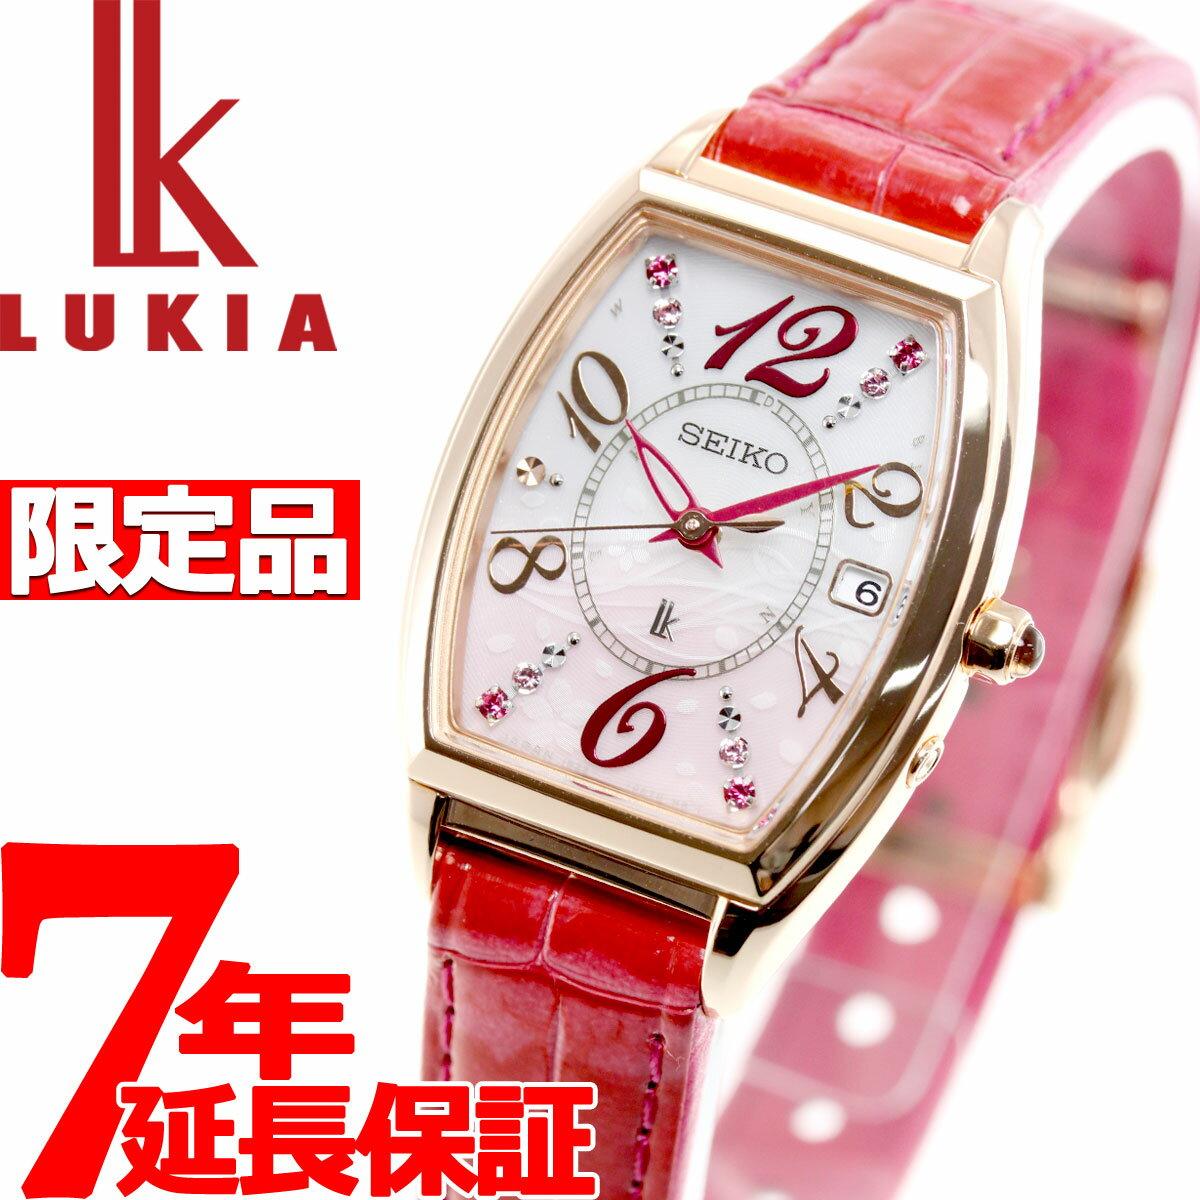 セイコー ルキア SEIKO LUKIA 電波 ソーラー 2019 SAKURA Blooming 限定モデル 腕時計 レディース 綾瀬はるか イメージキャラクター SSVW144【2019 新作】